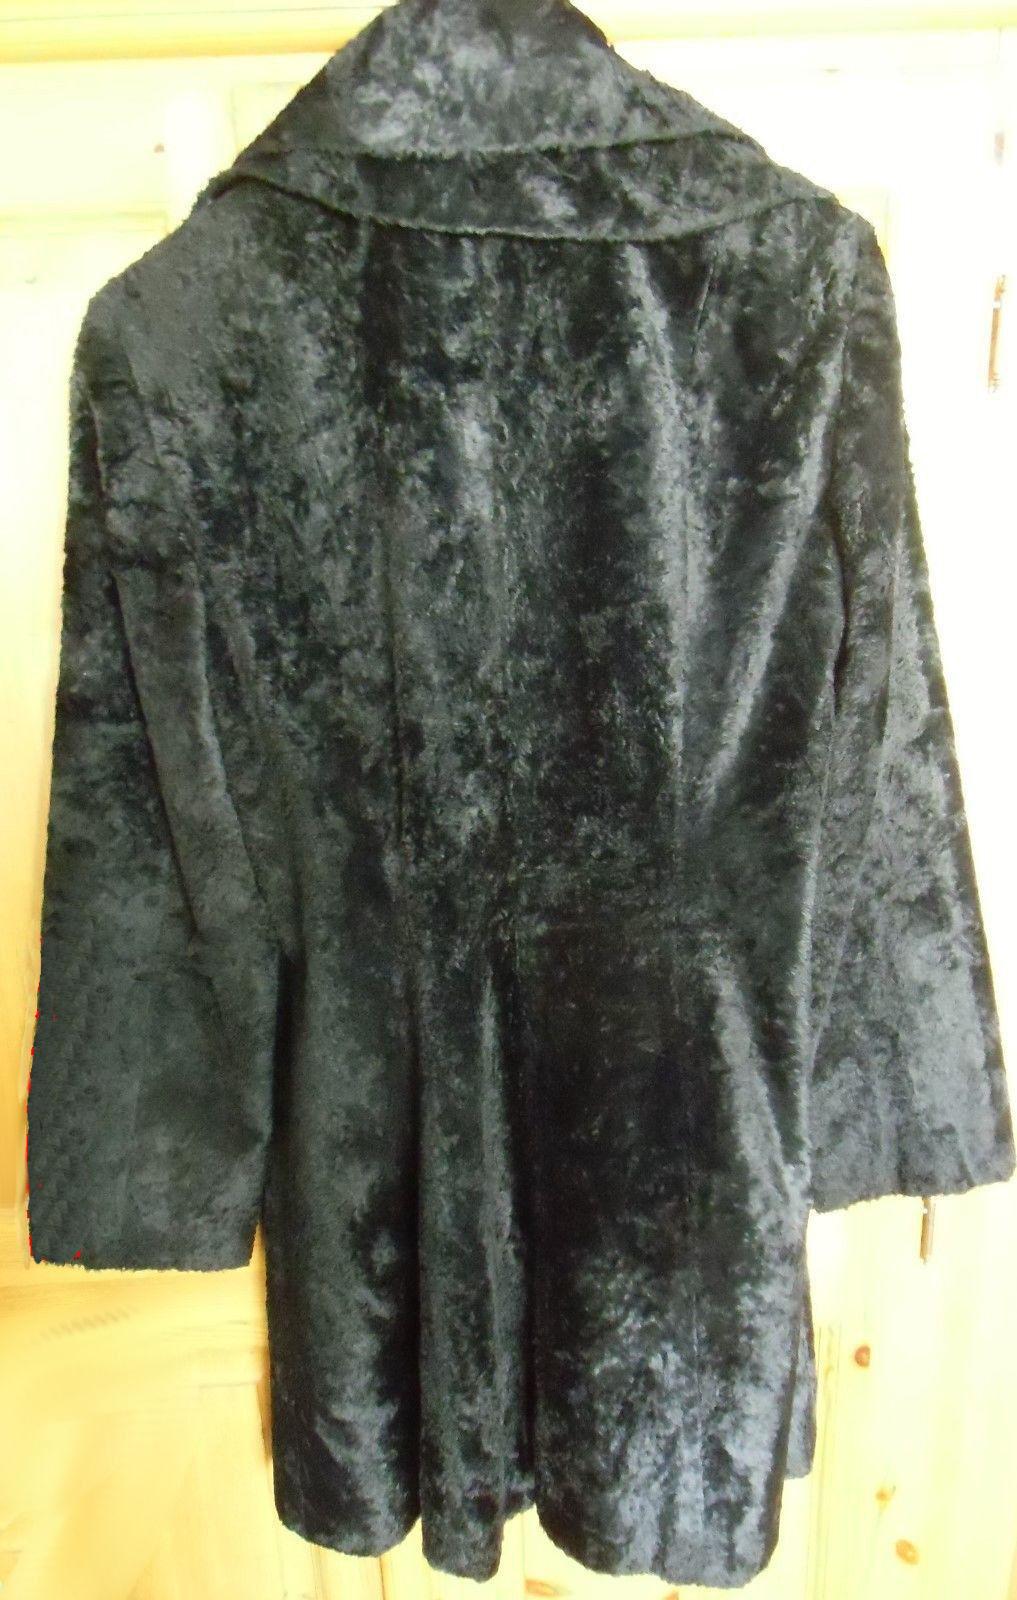 Pelzmantel N3 schwarz schwarz schwarz MARC CAIN  38 Pelz Mantel WIE NEU | Elegant  0e2f1e